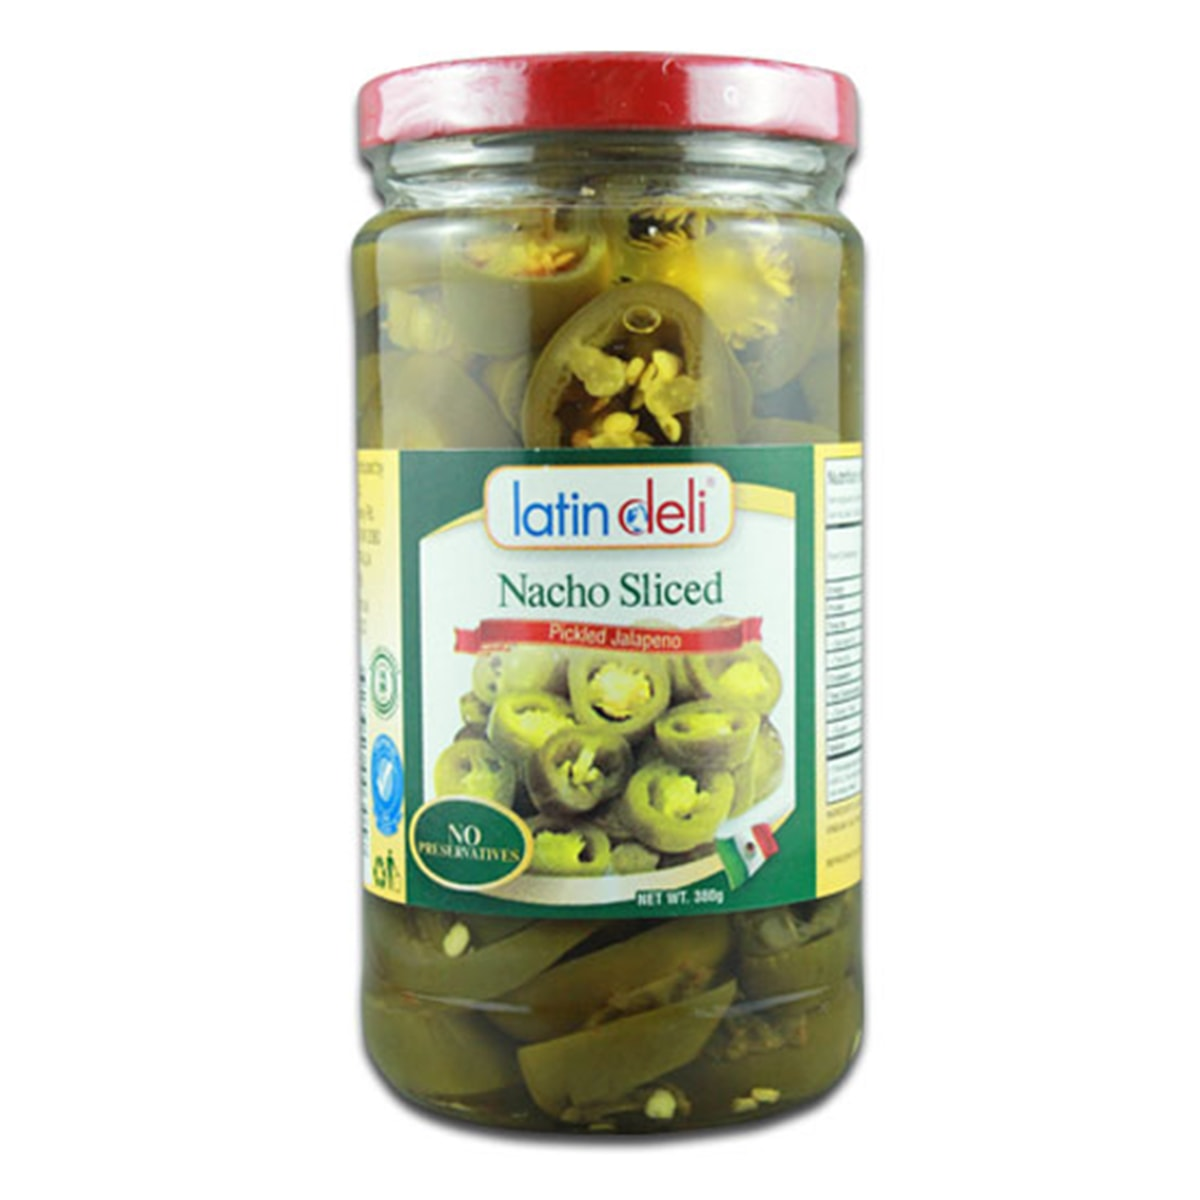 Buy Latin Deli Nacho Sliced (Pickled Jalapeno) - 380 gm